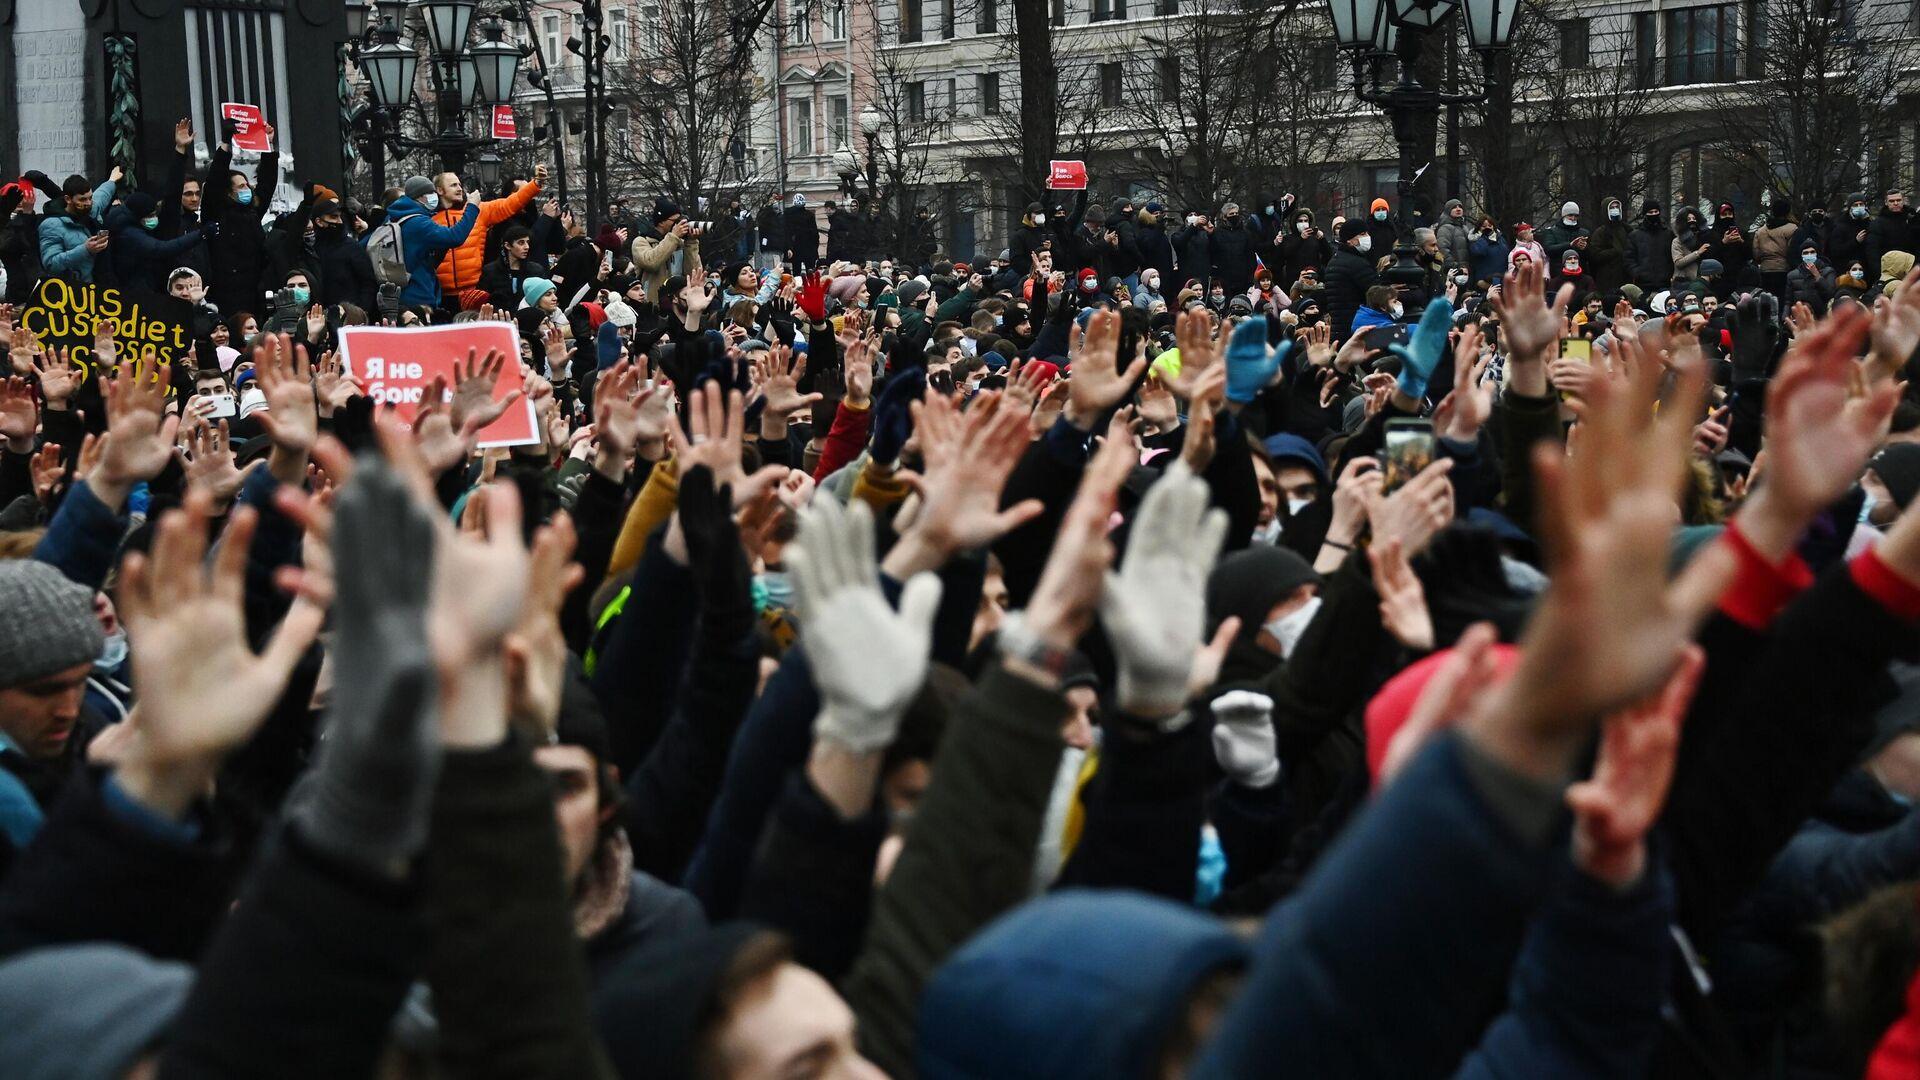 Участники несанкционированной акции сторонников Алексея Навального на Пушкинской площади в Москве - РИА Новости, 1920, 29.01.2021